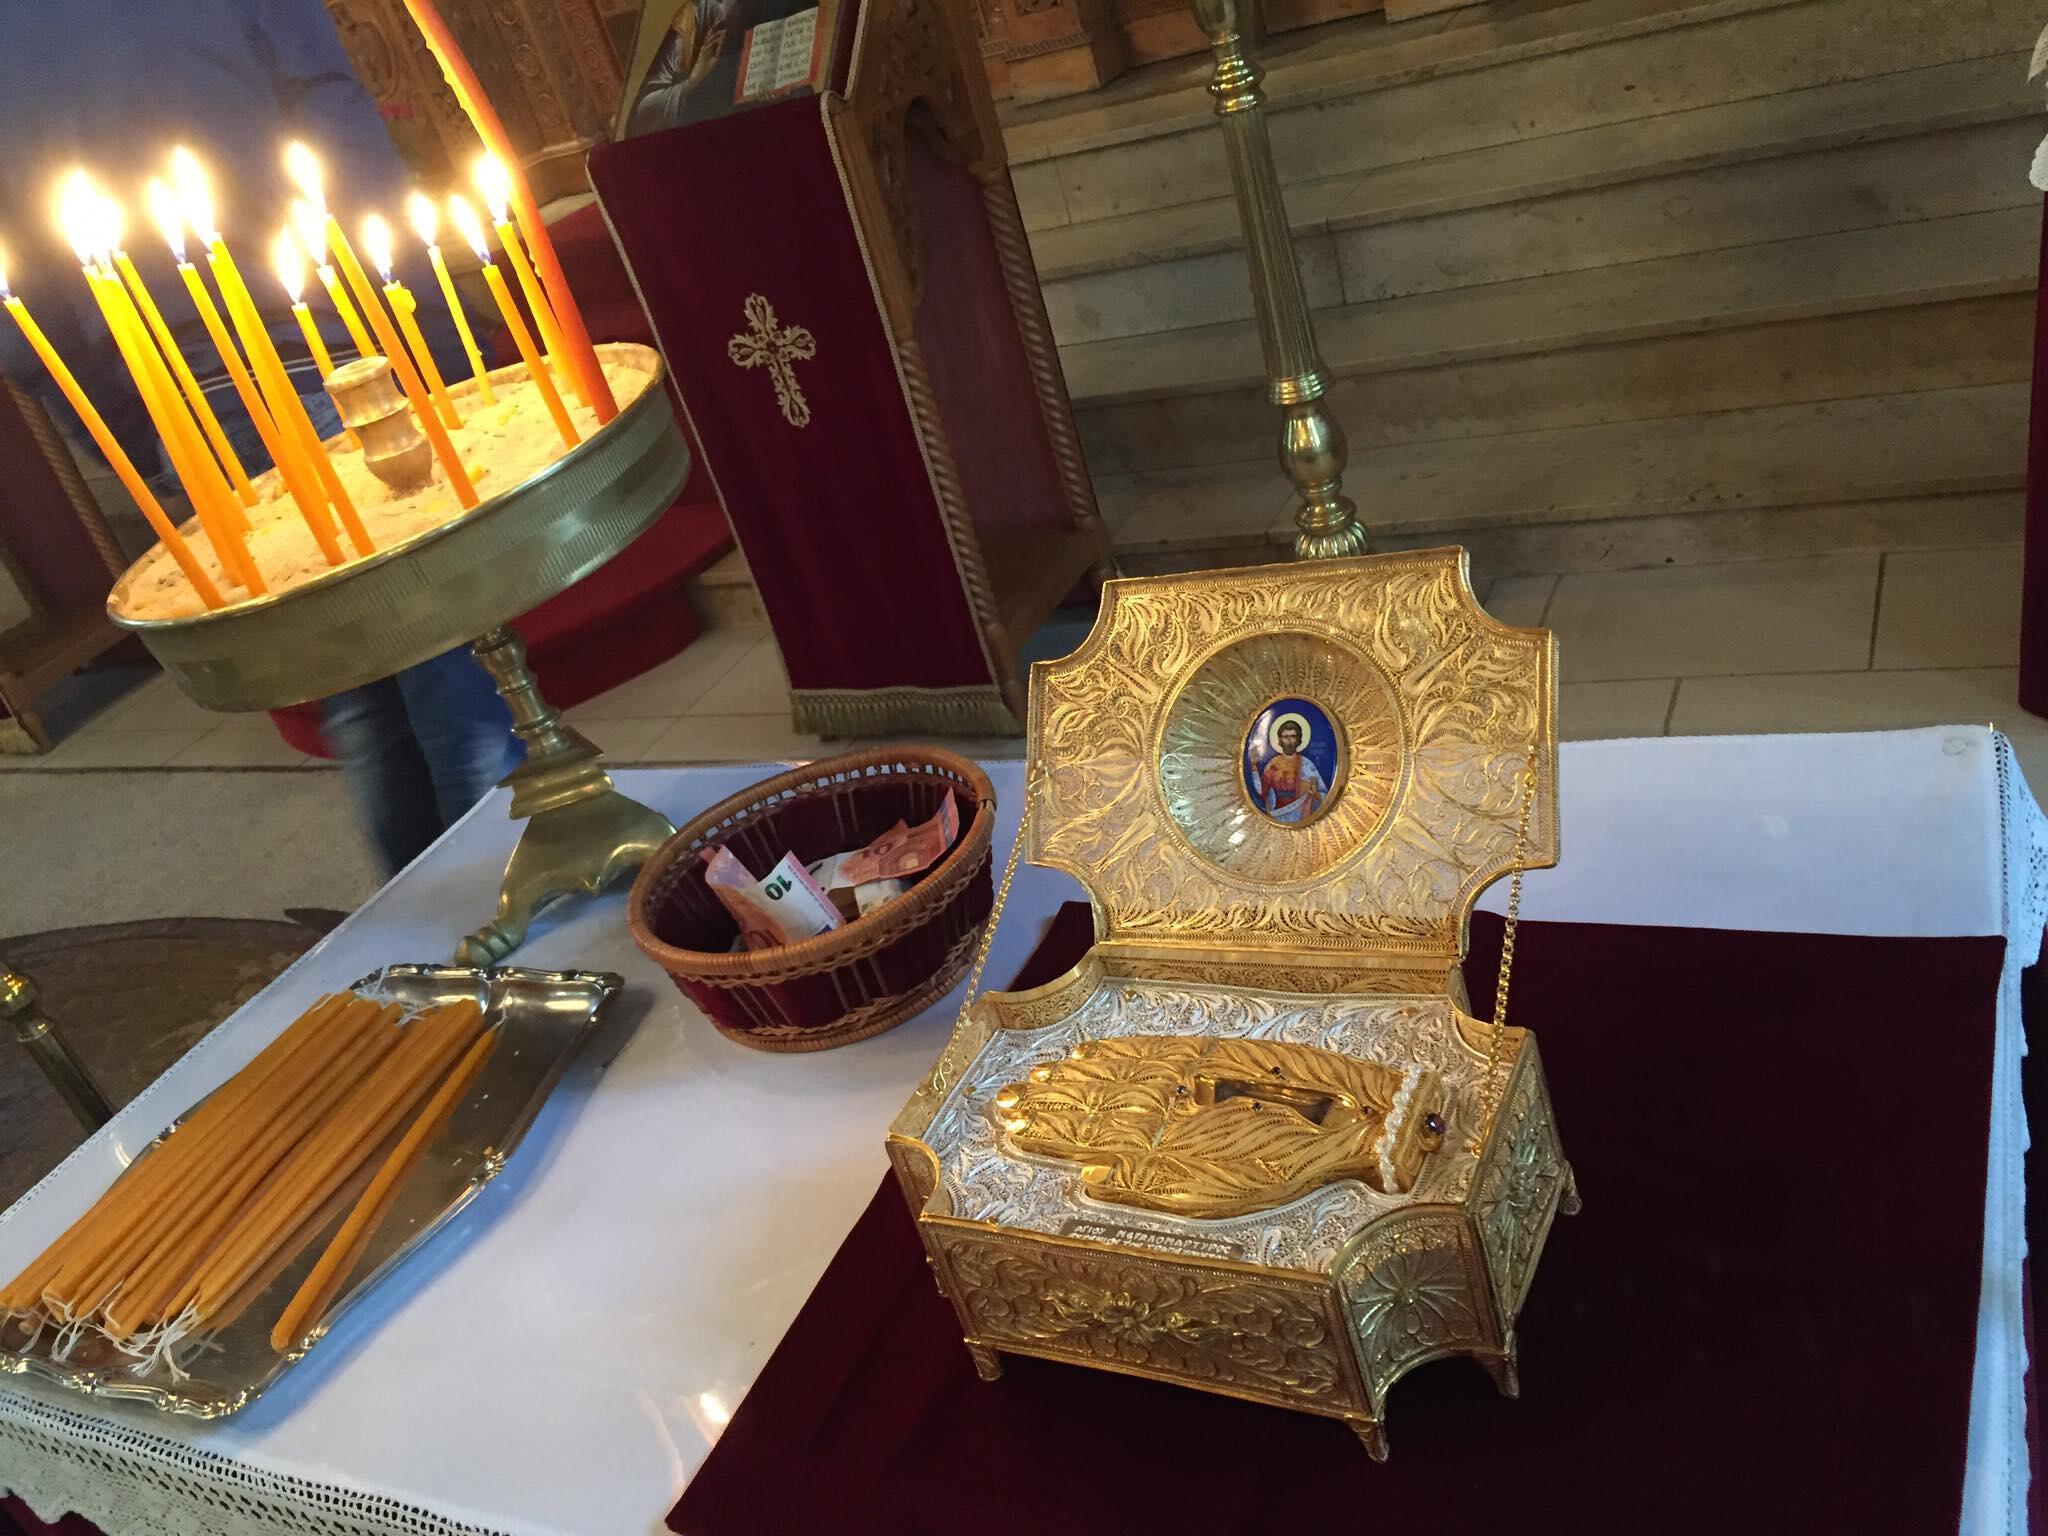 αγίων αποστόλων ιερά λειψανα αγίου ευγενίου